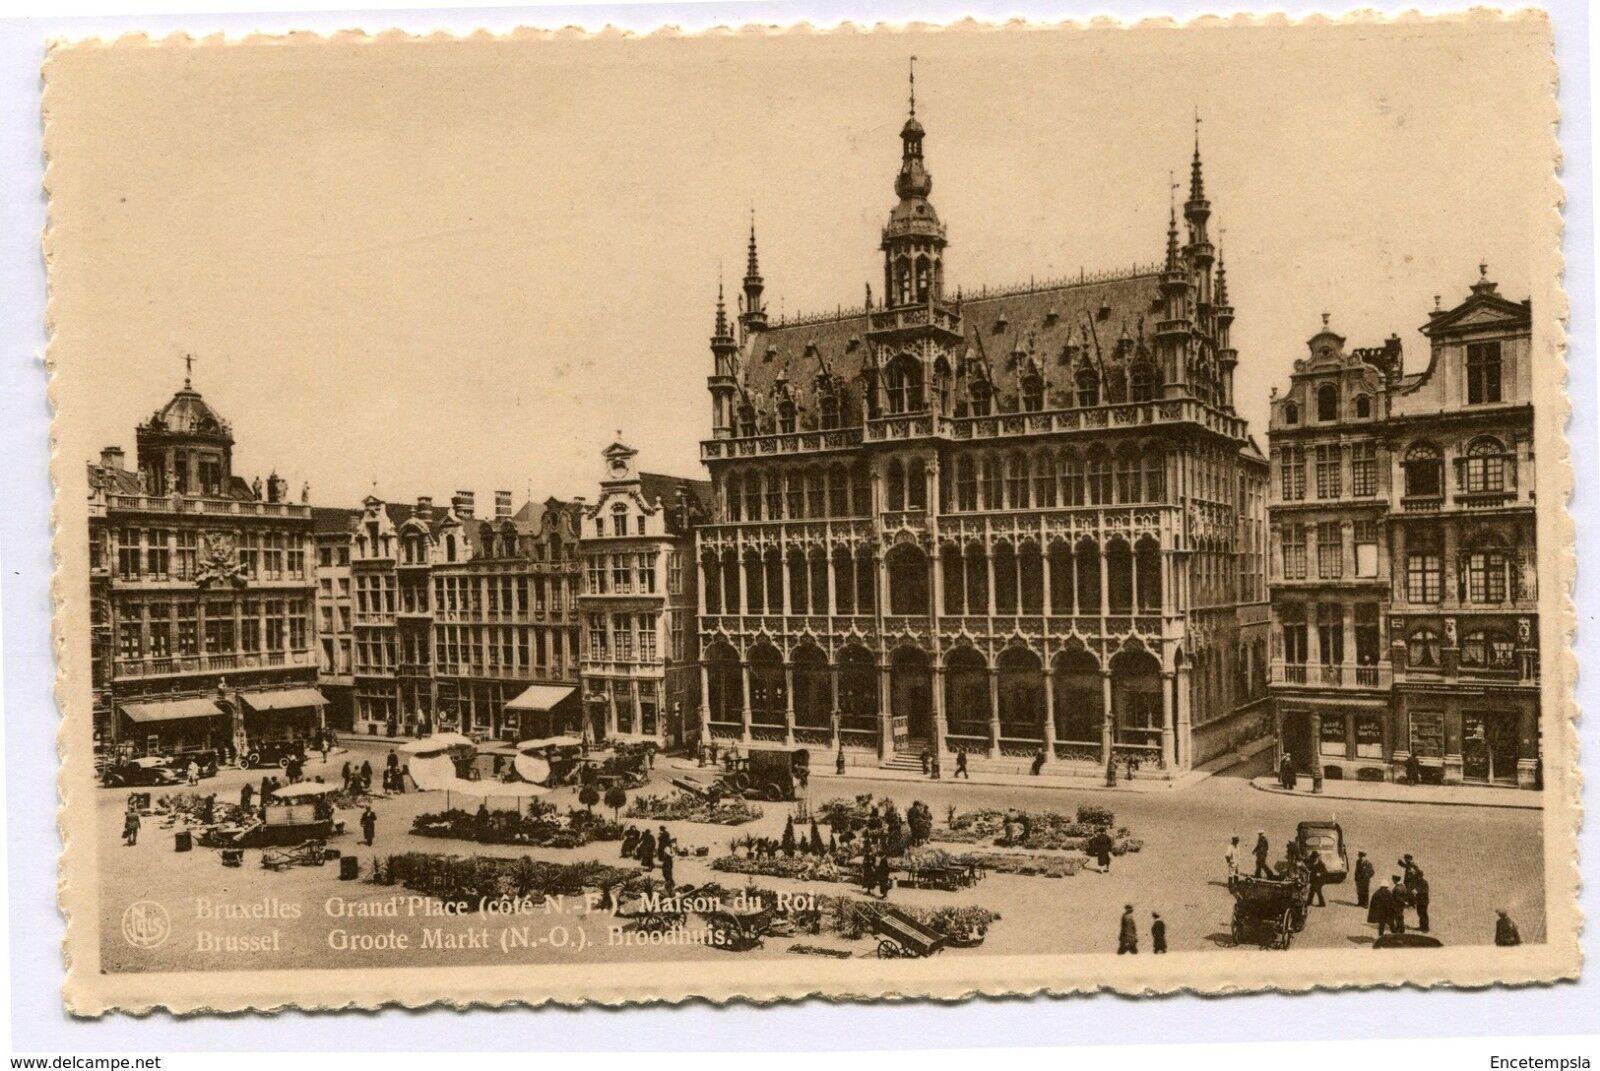 CPA-Carte postale-Belgique-Bruxelles -Grand place (CP2145)